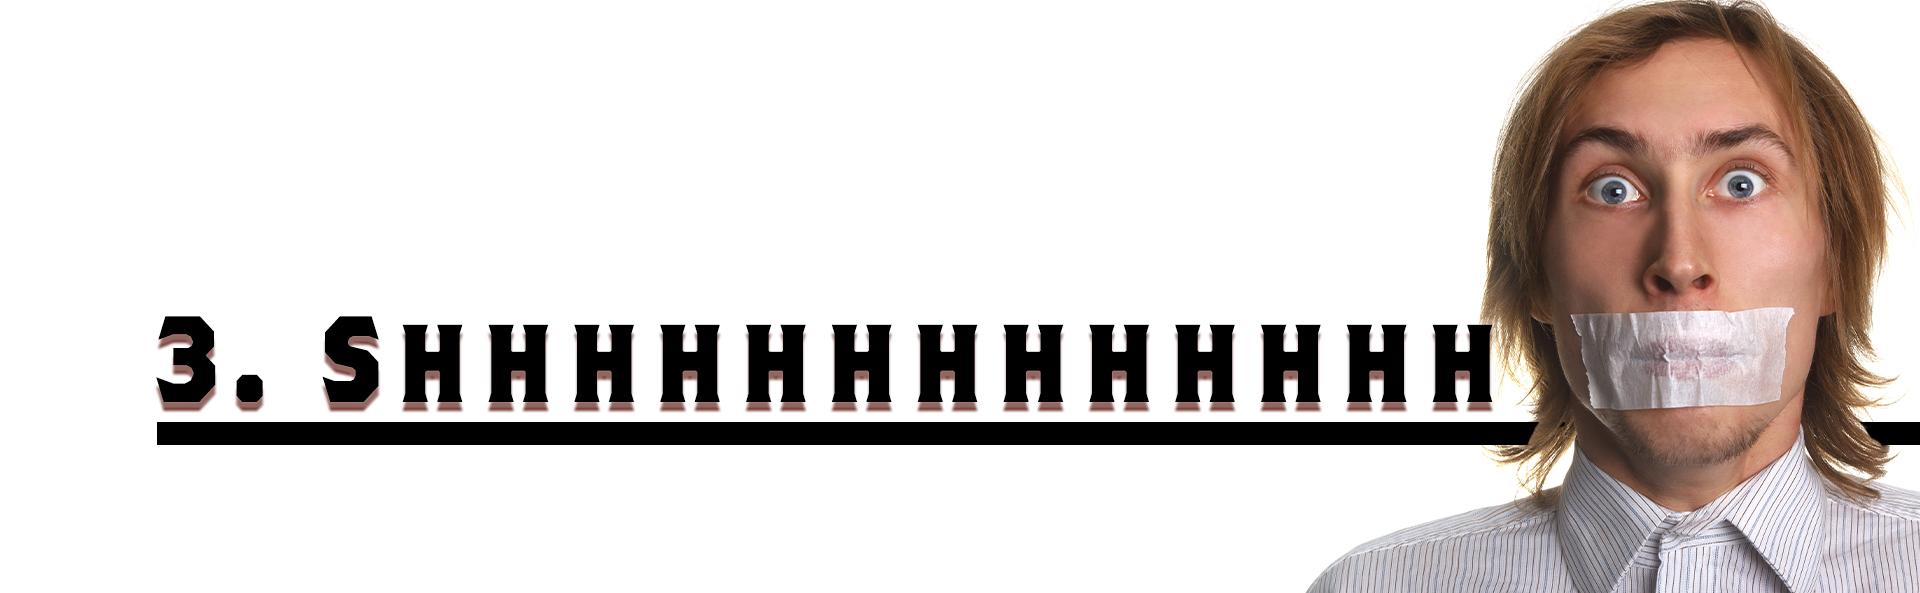 SHHHHHHHHHHHHHHHHH